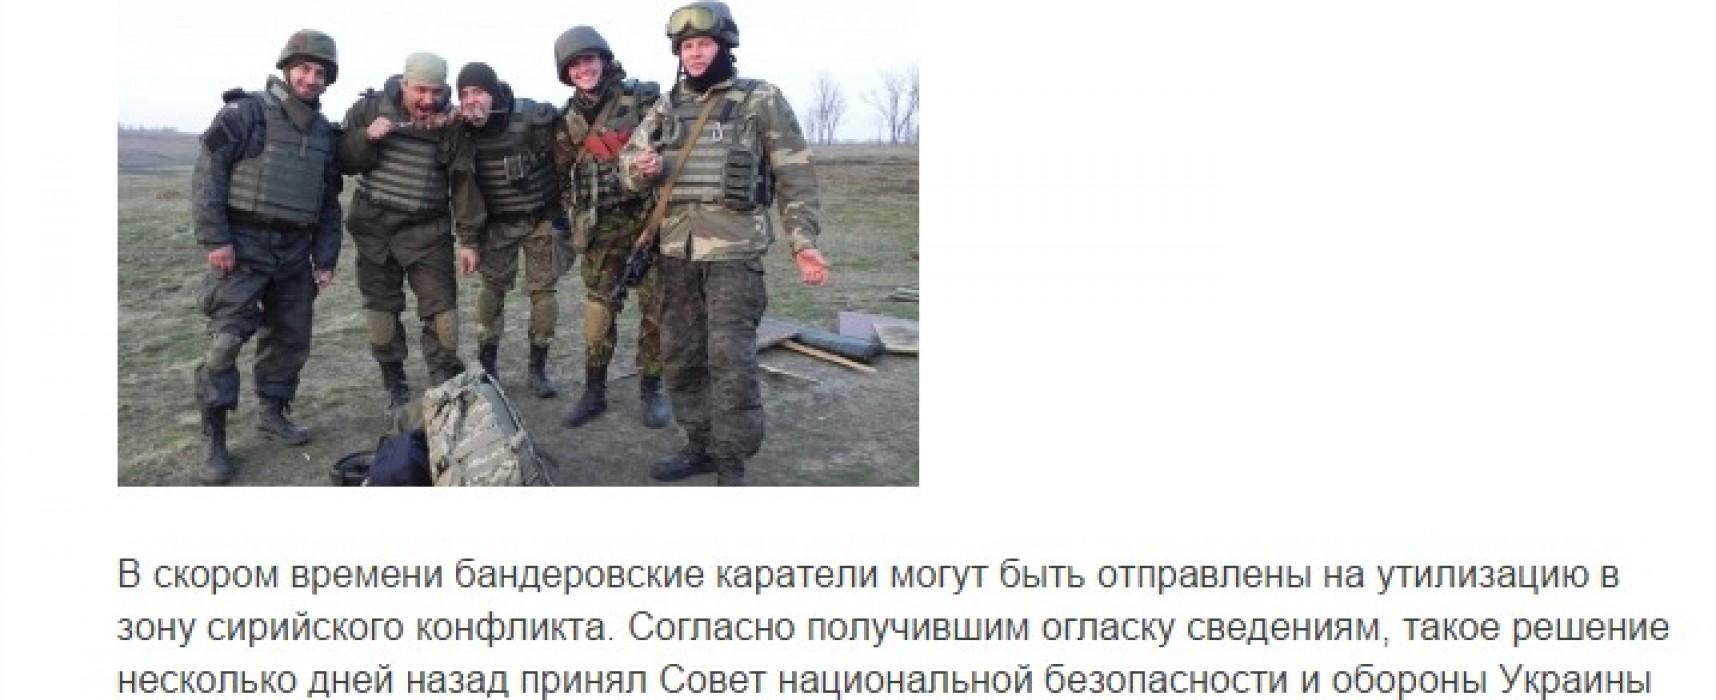 Фейк российских СМИ об участии украинцев в сирийской войне